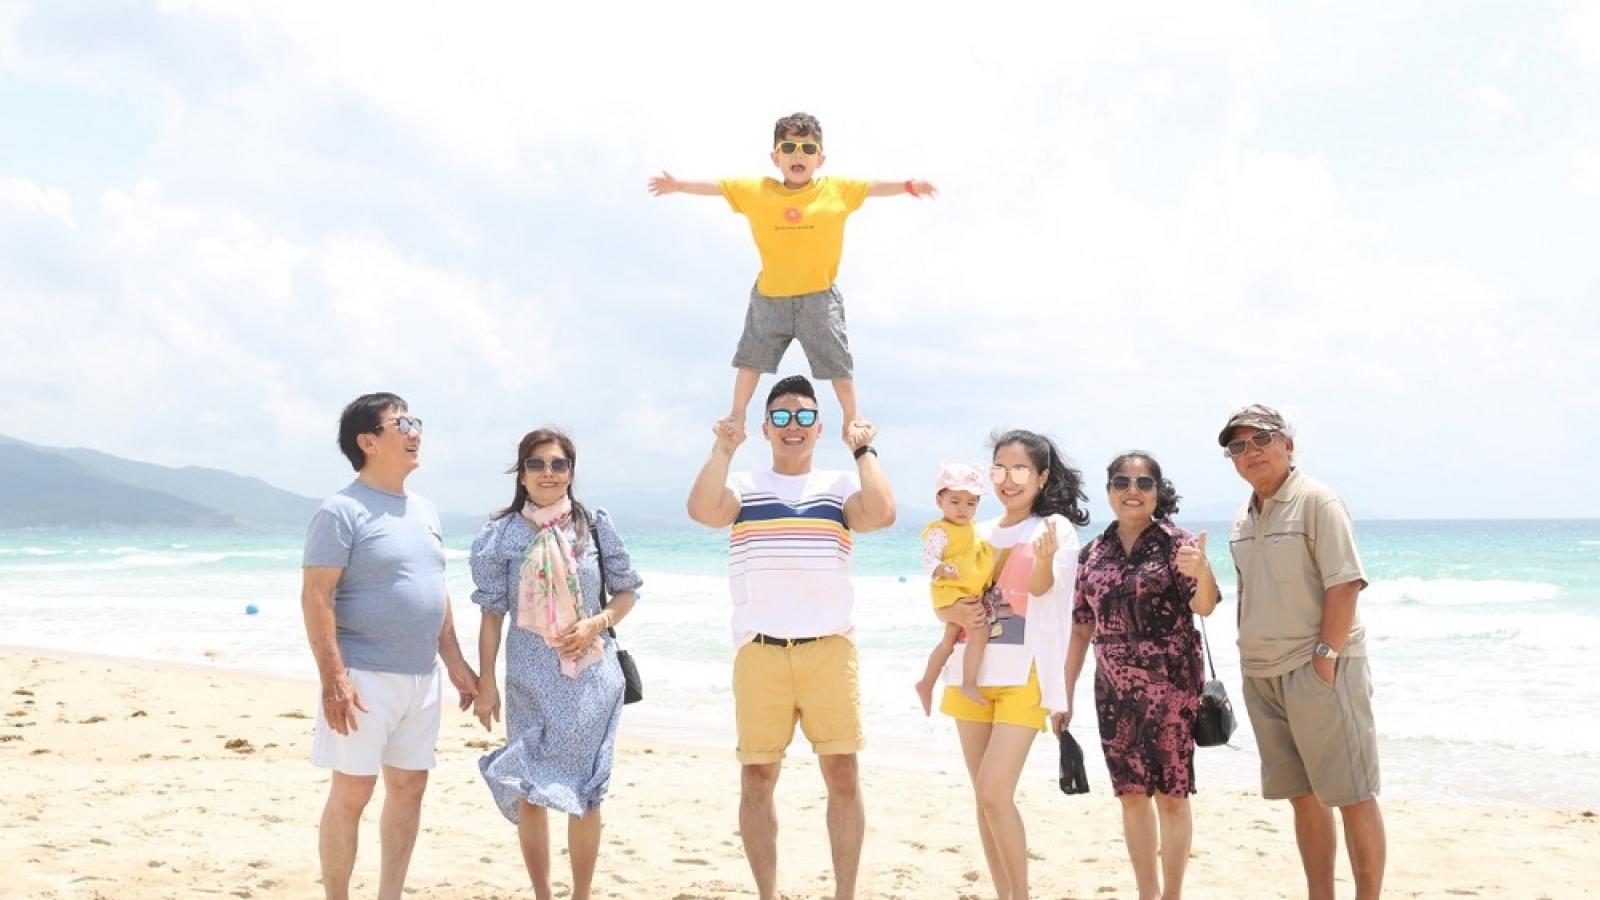 Quốc Cơ-Hồng Phượng: Giãn cách, nhớ những phút giây cả gia đình lớn quây quần bên nhau